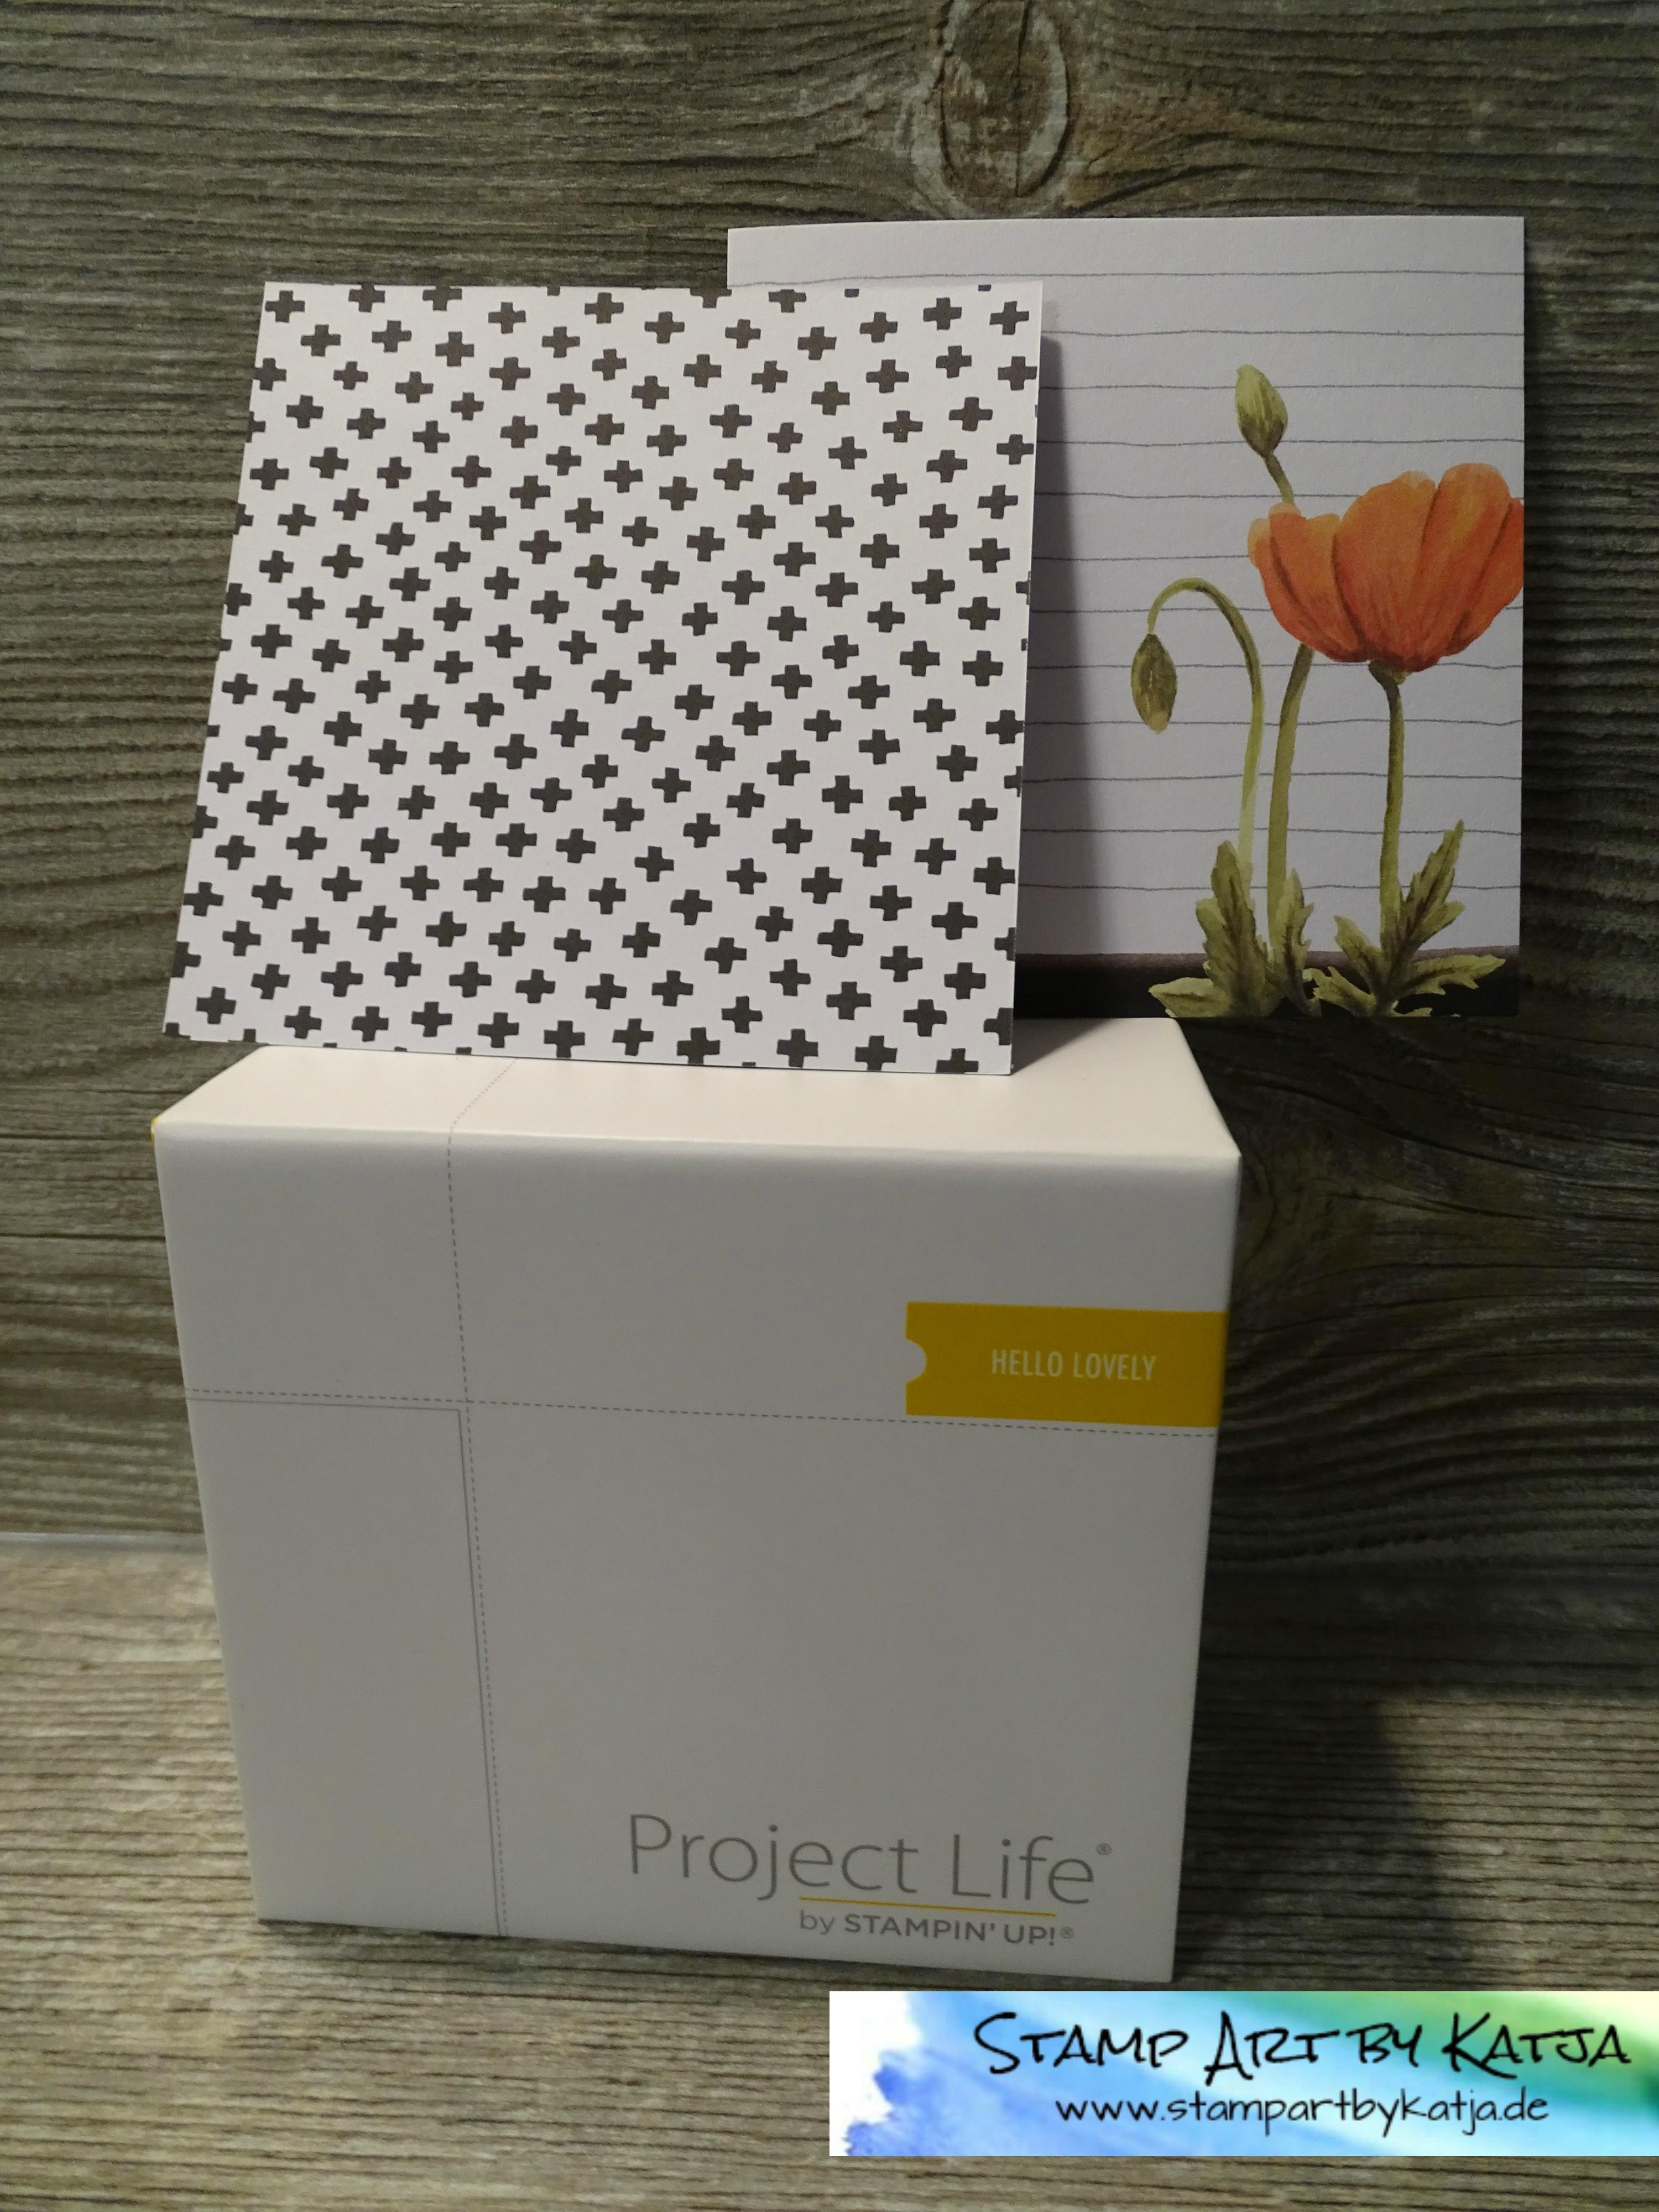 Project Life - Hallo Sonnenschein_40